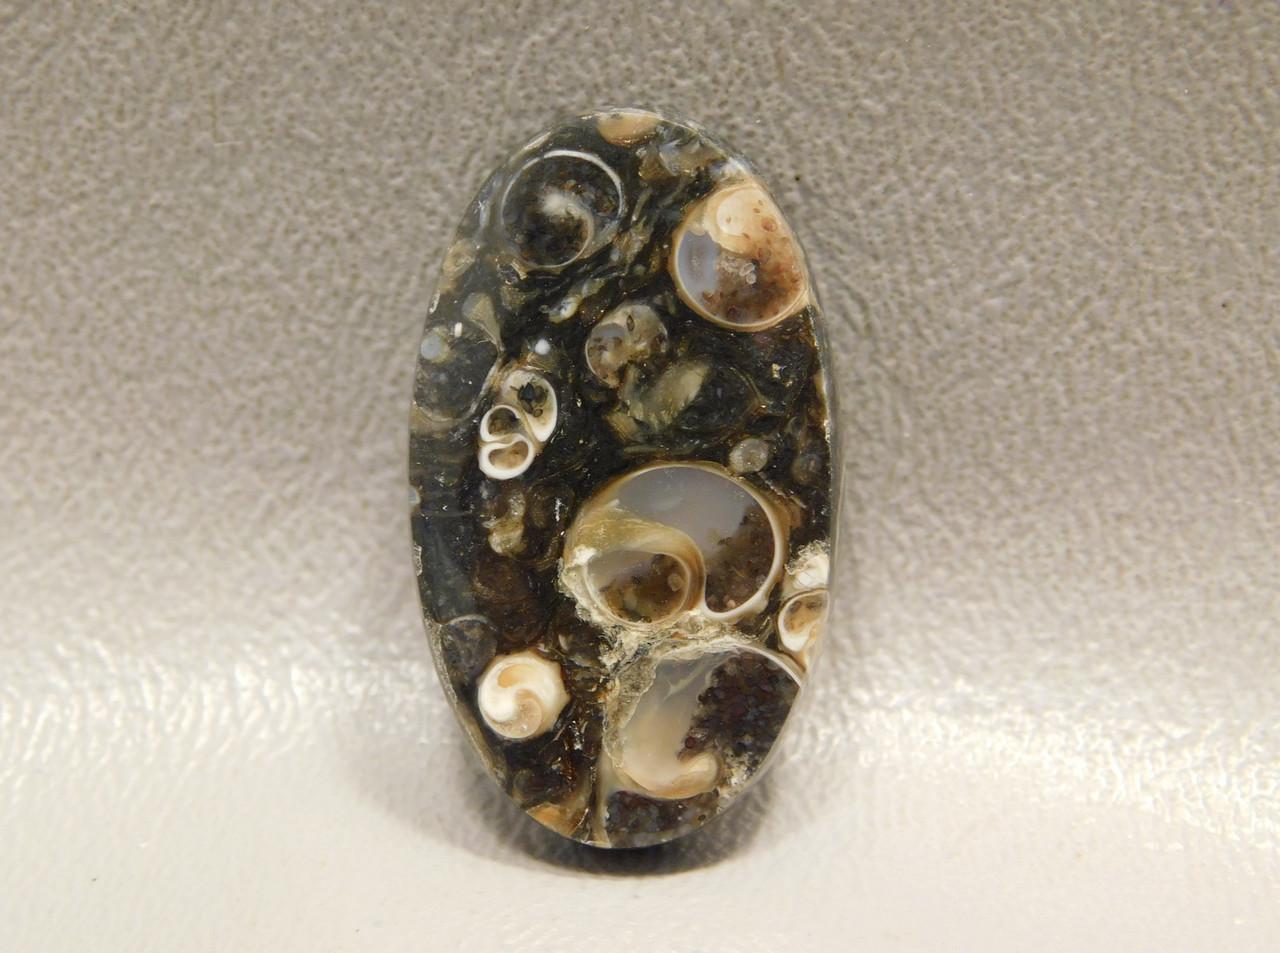 Turritella Agate Jewelry Stone Cabochon Fossil #17